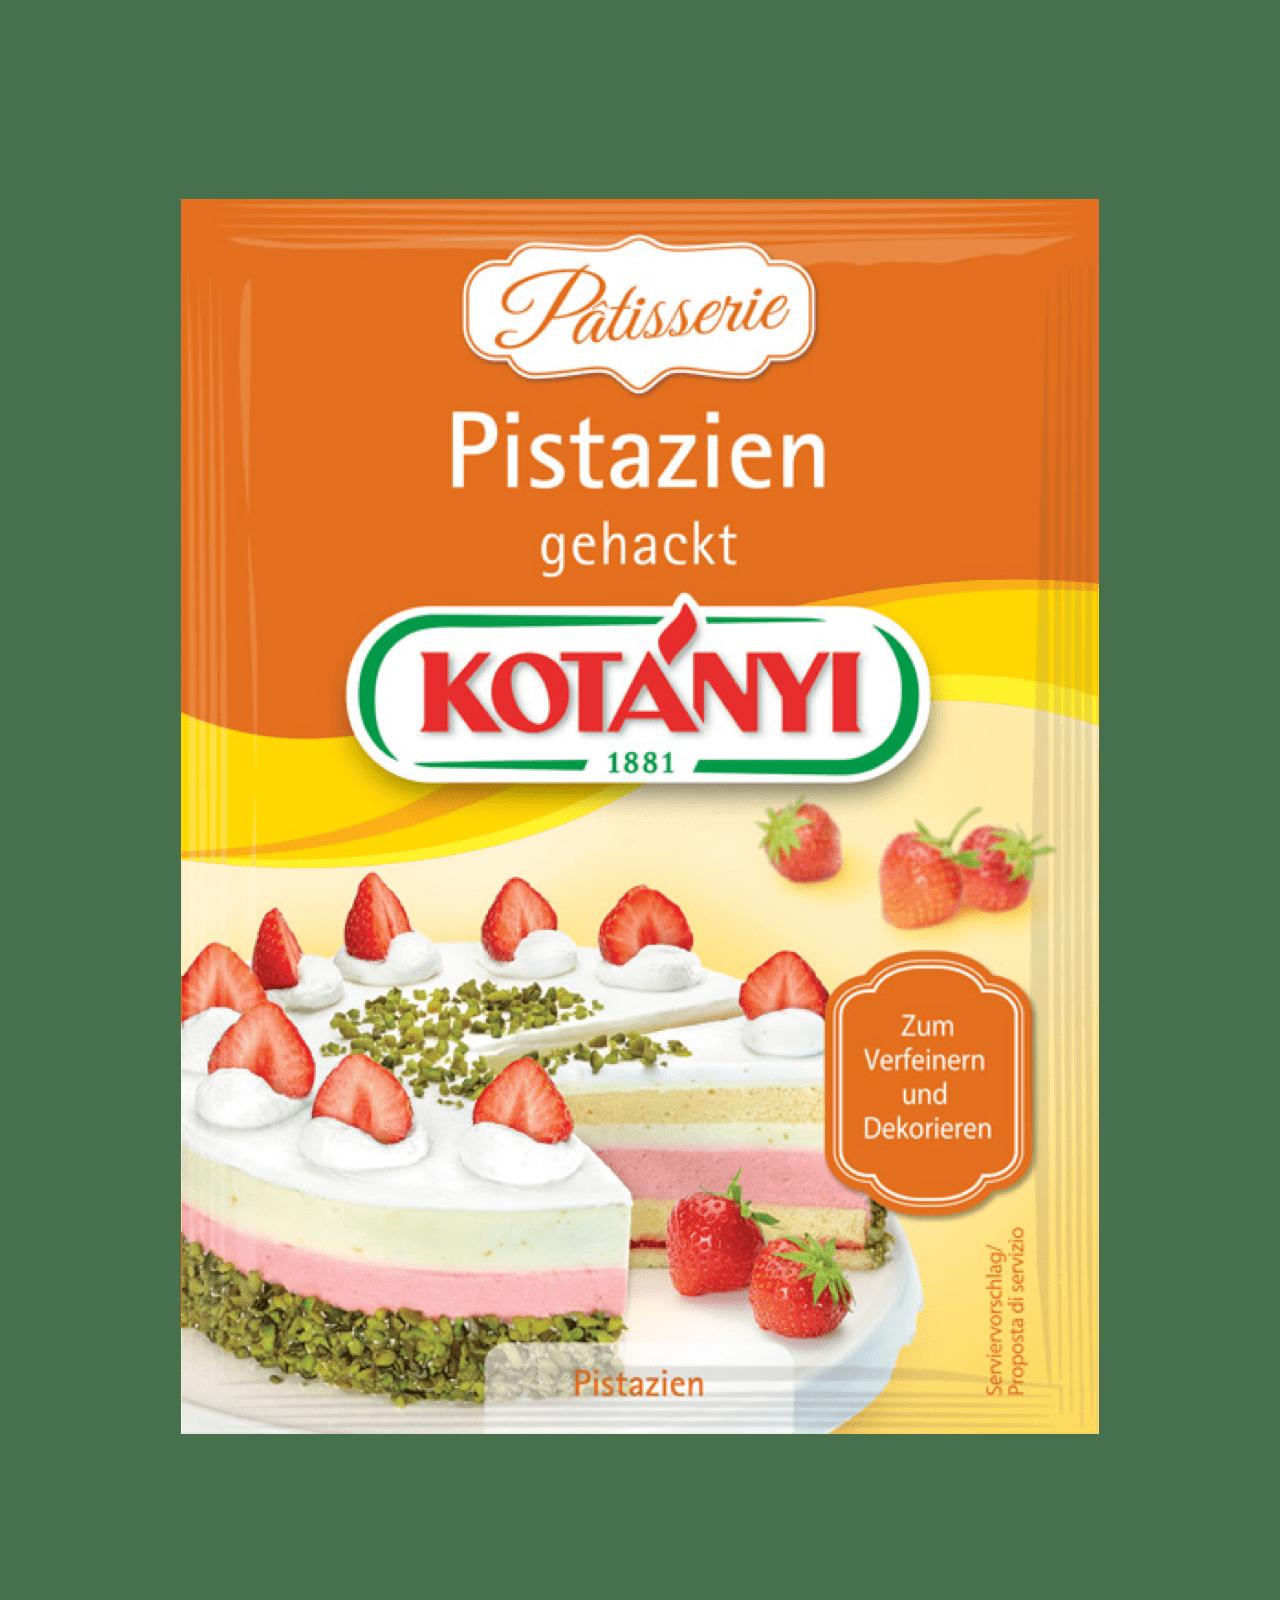 Kotányi Pistazien gehackt im Brief